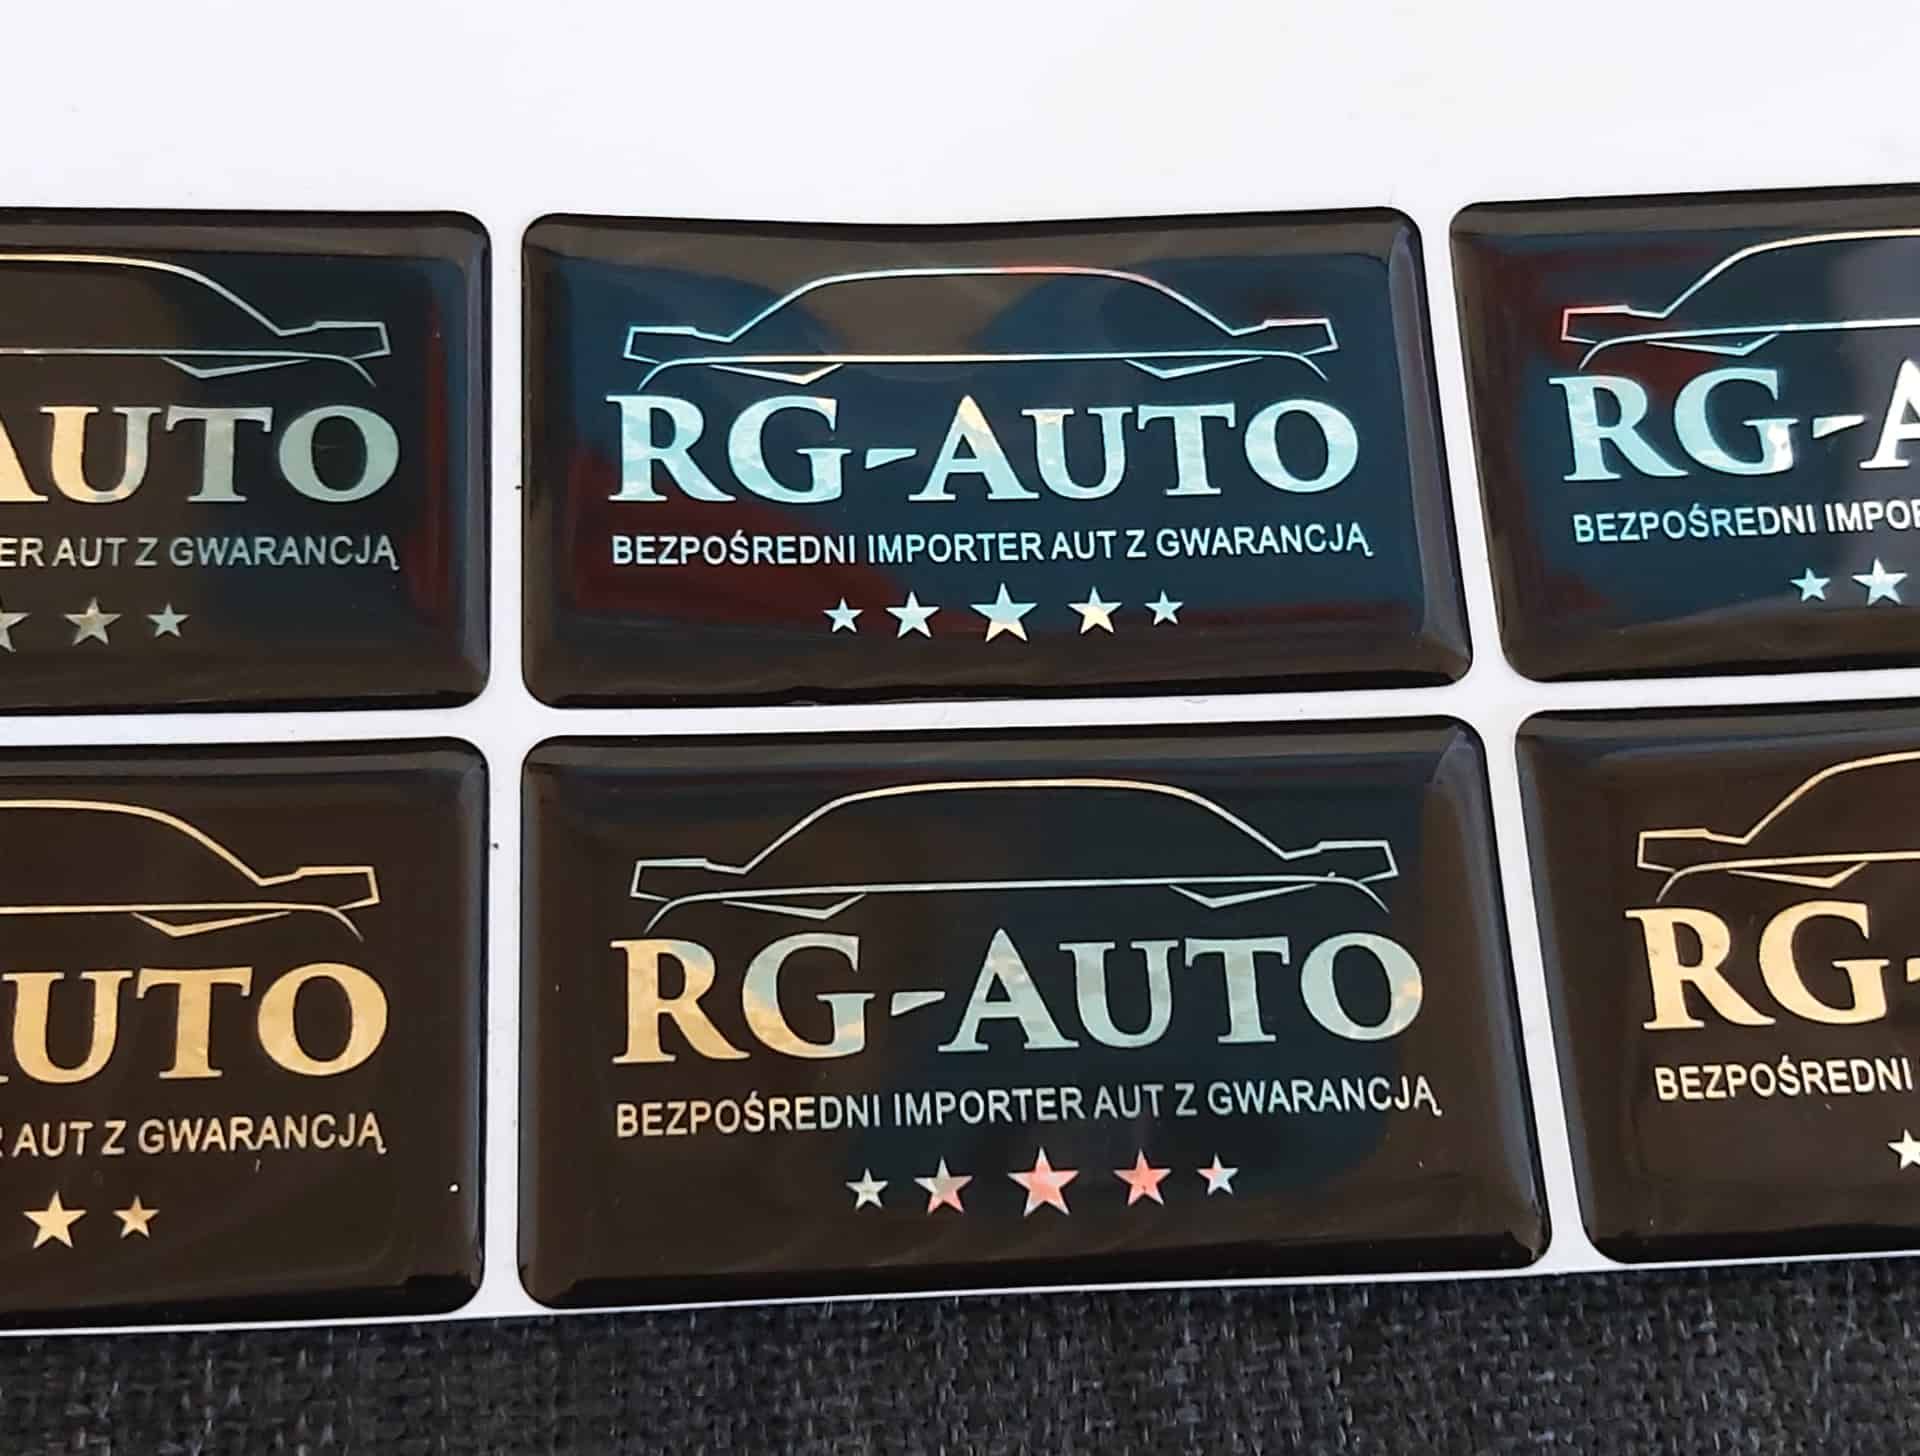 naklejki wypukłe z logo RG-Auto